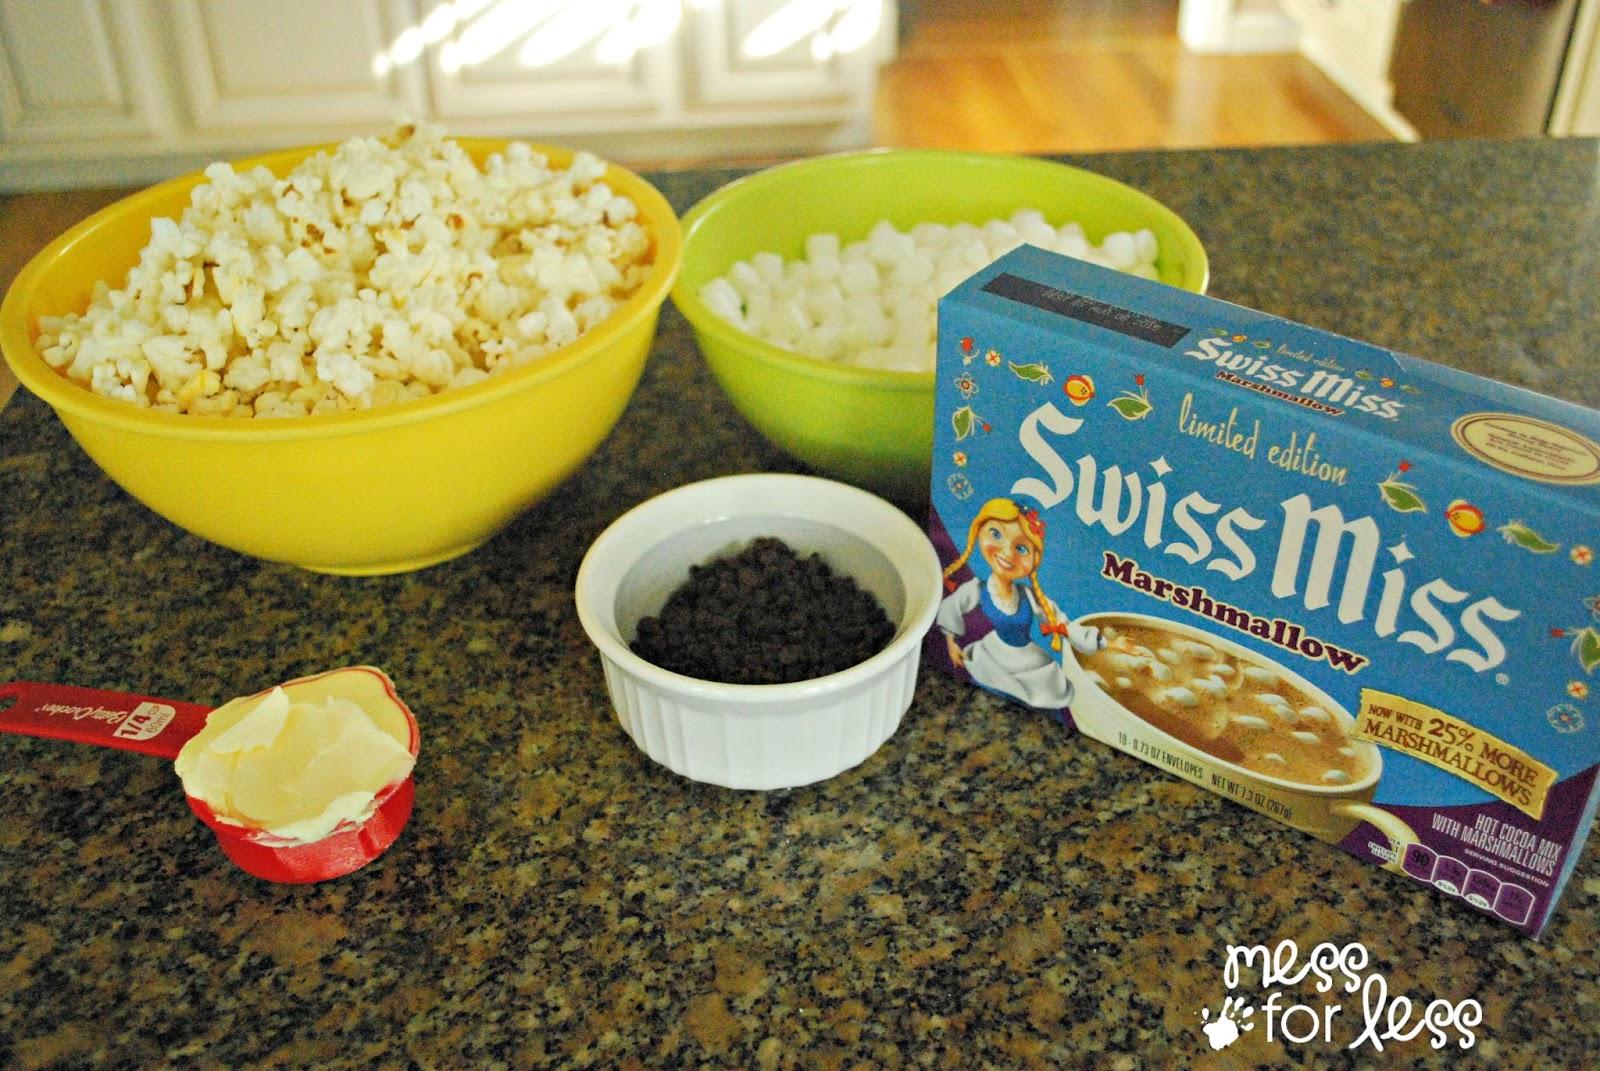 Orville Redenbacher's Gourmet Popcorn (1 bag - 12 cups of popcorn) 1/4 ...